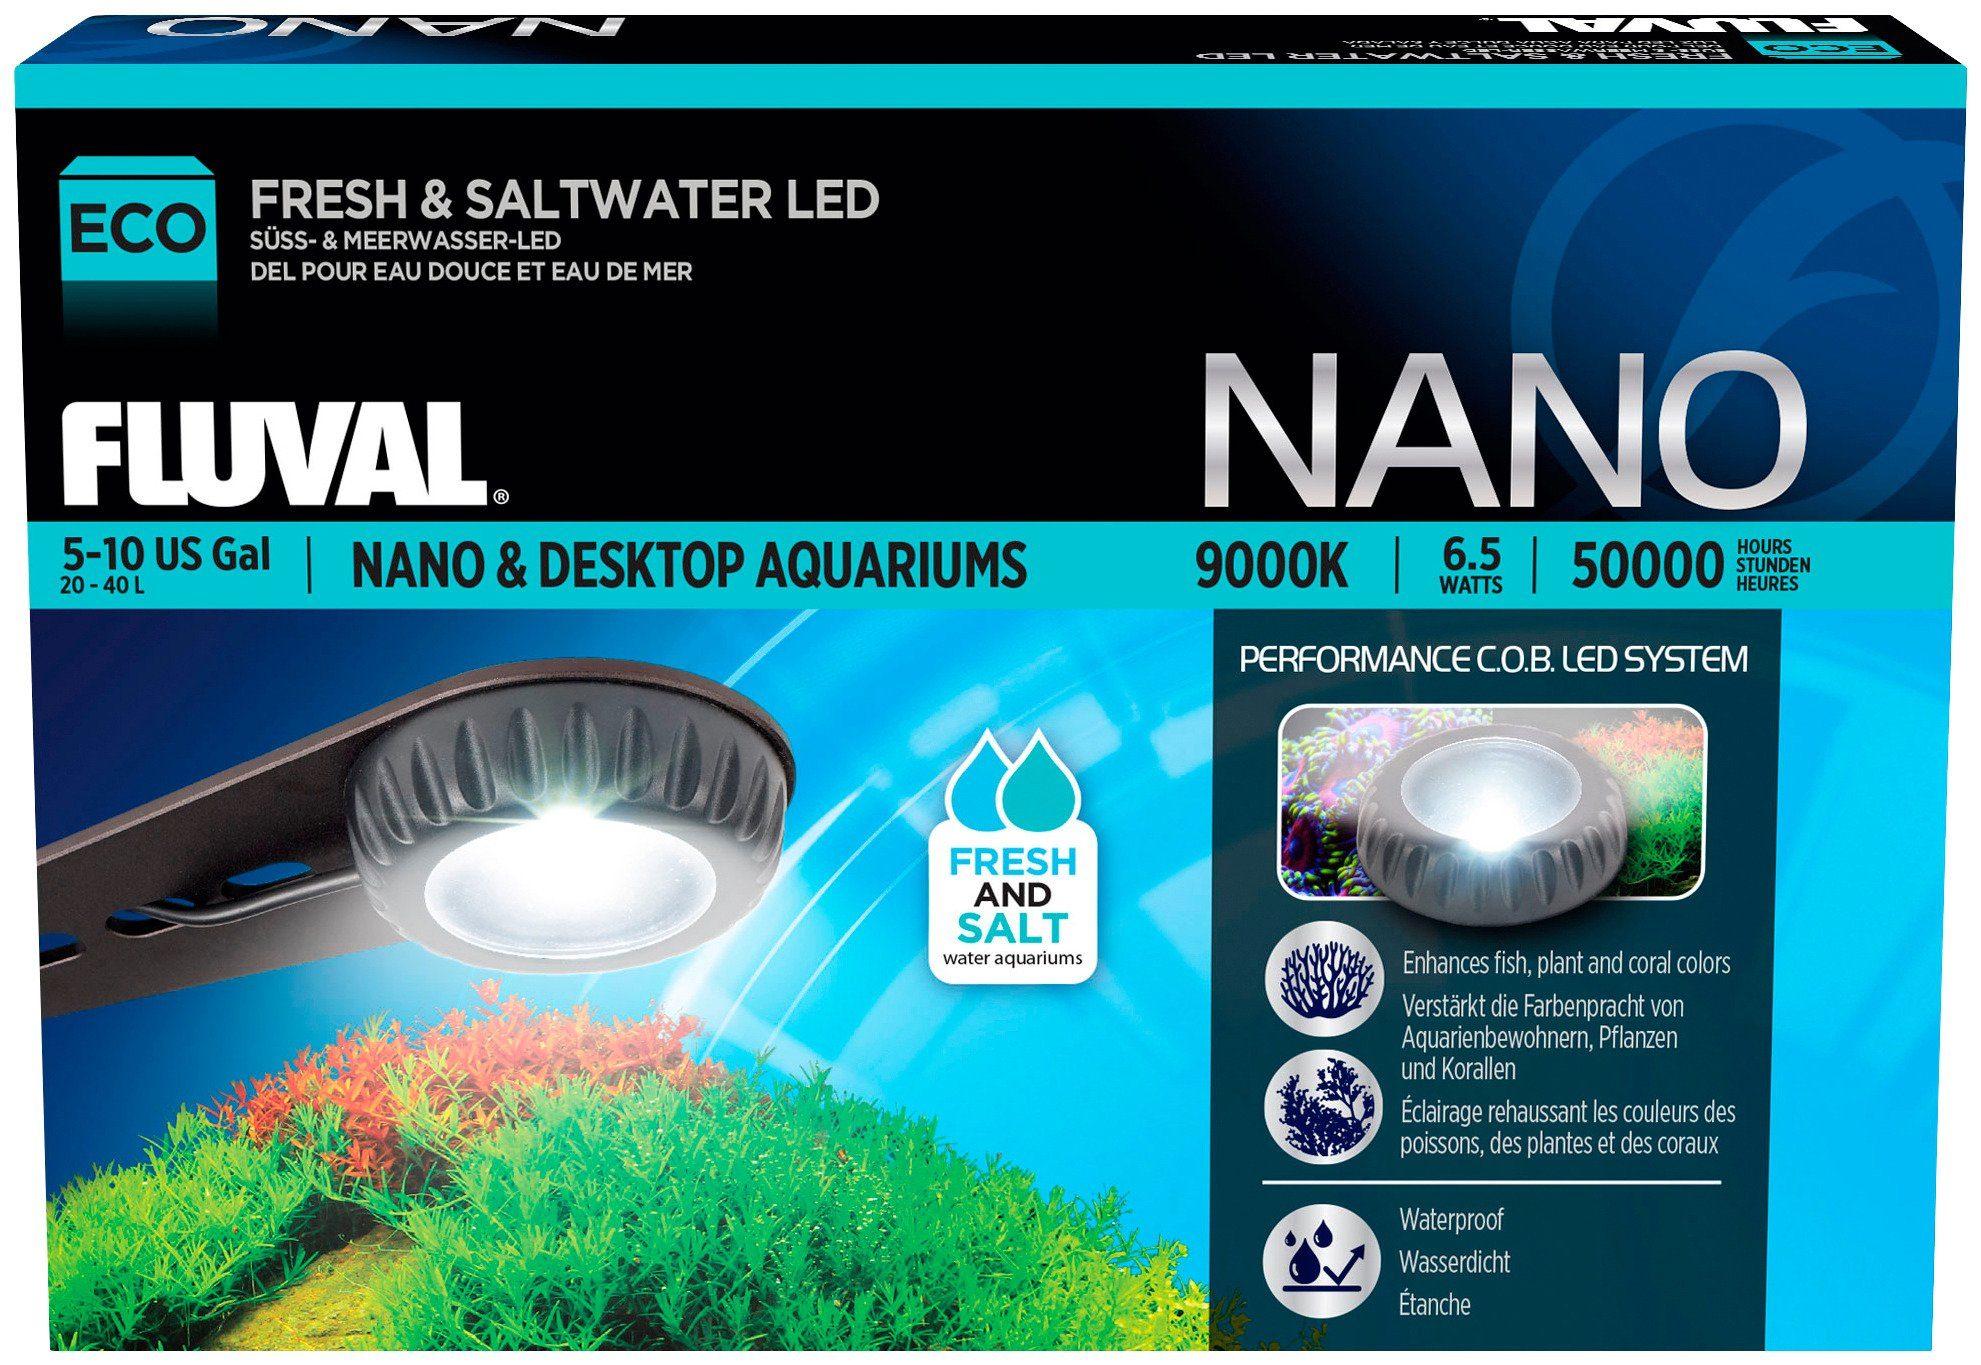 LED-Aquarien-Beleuchtung »Nano LED«